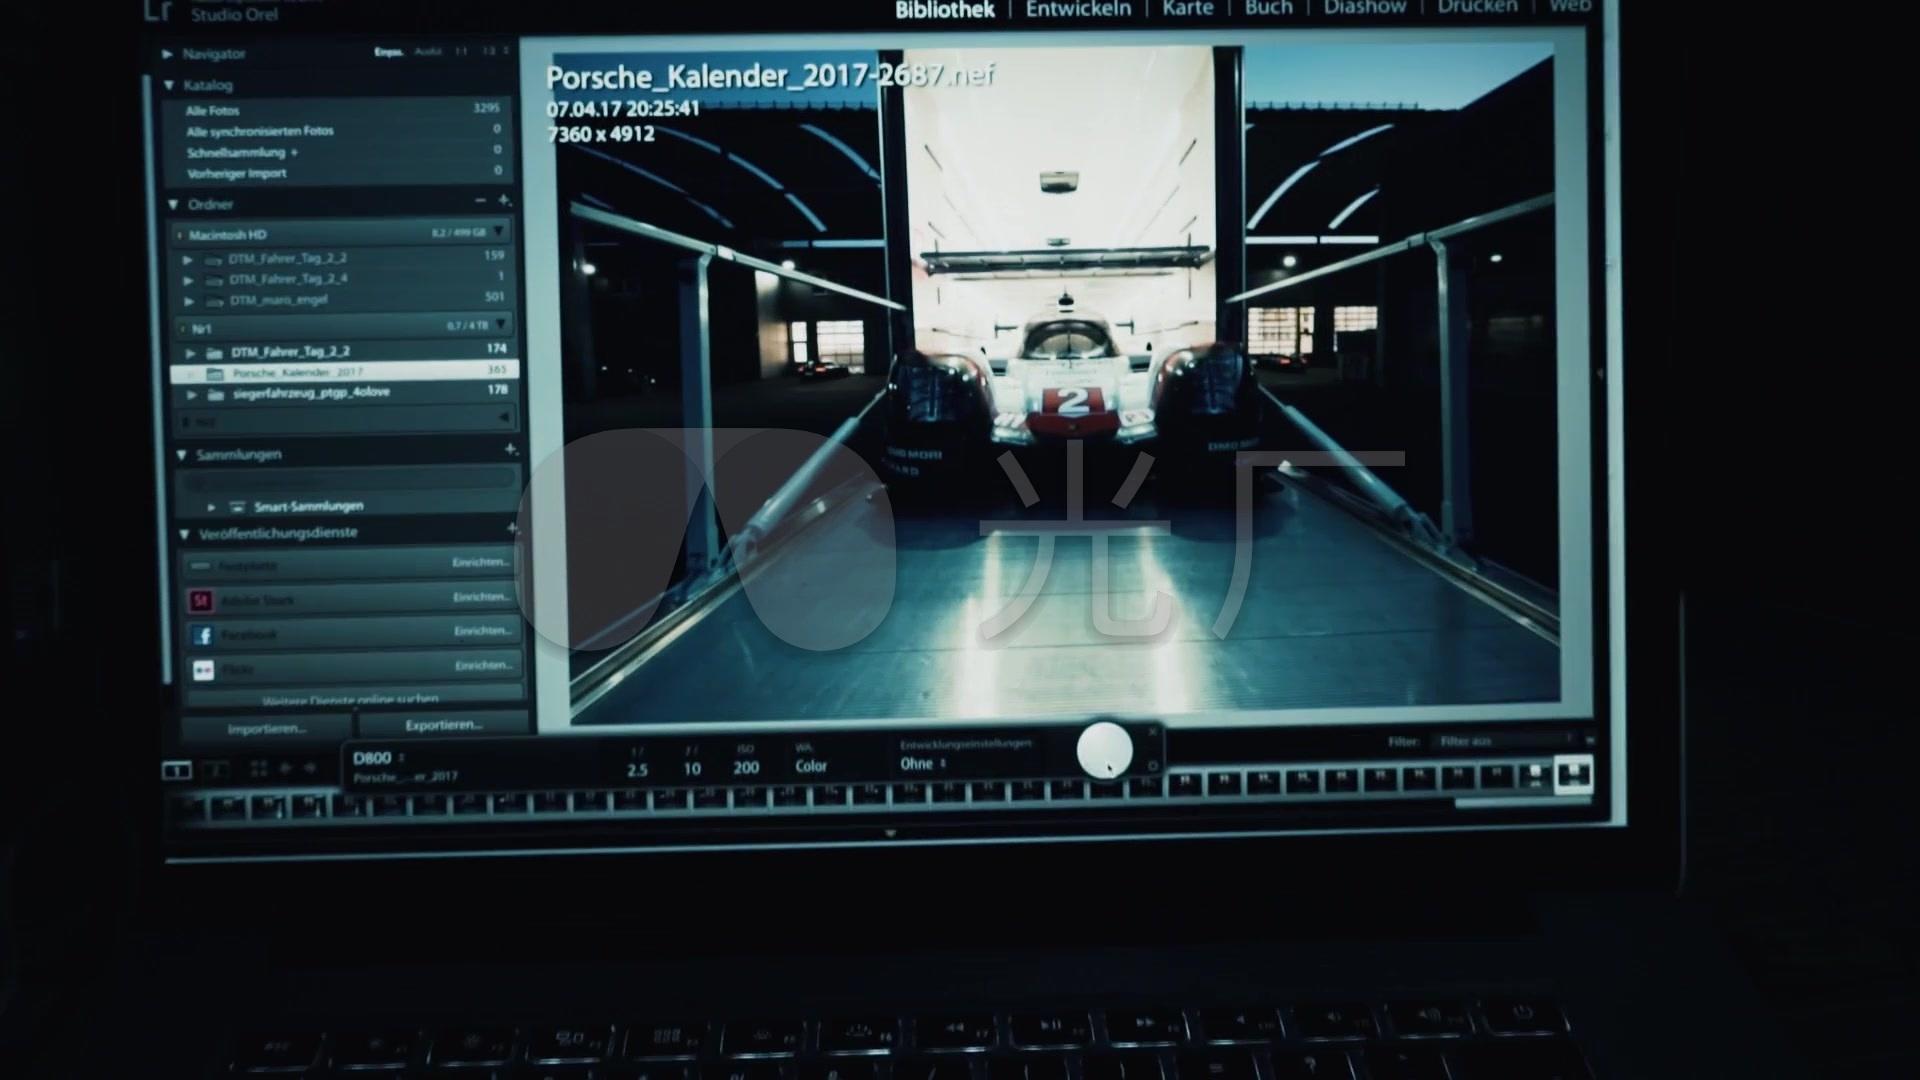 实拍豪车视频视频_1920X1080_素材视频高清跑车装佛心图片